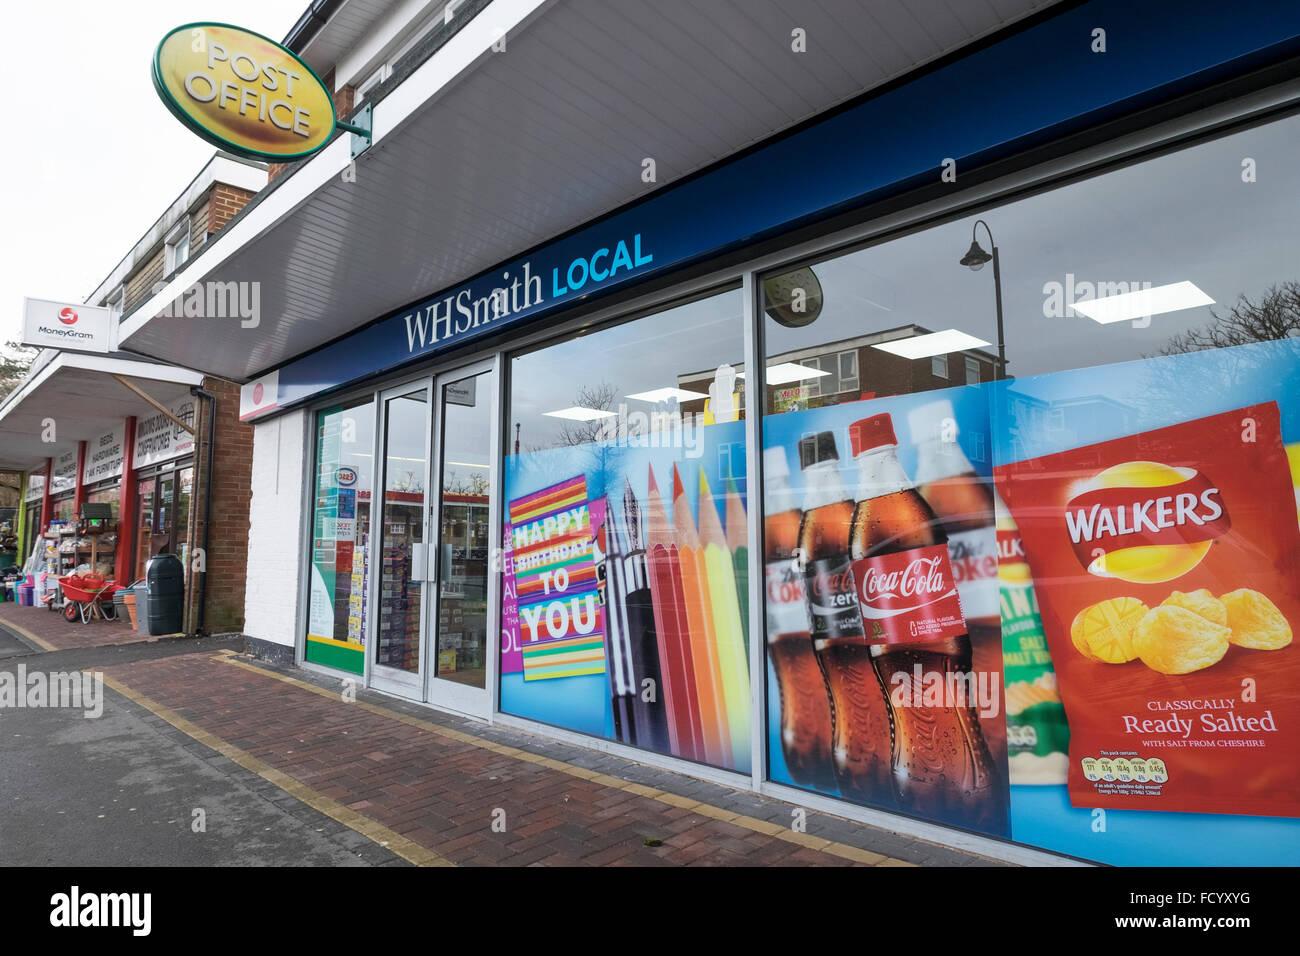 WH Smith negozio locale in Dibden Purlieu in Hampshire. Immagini Stock